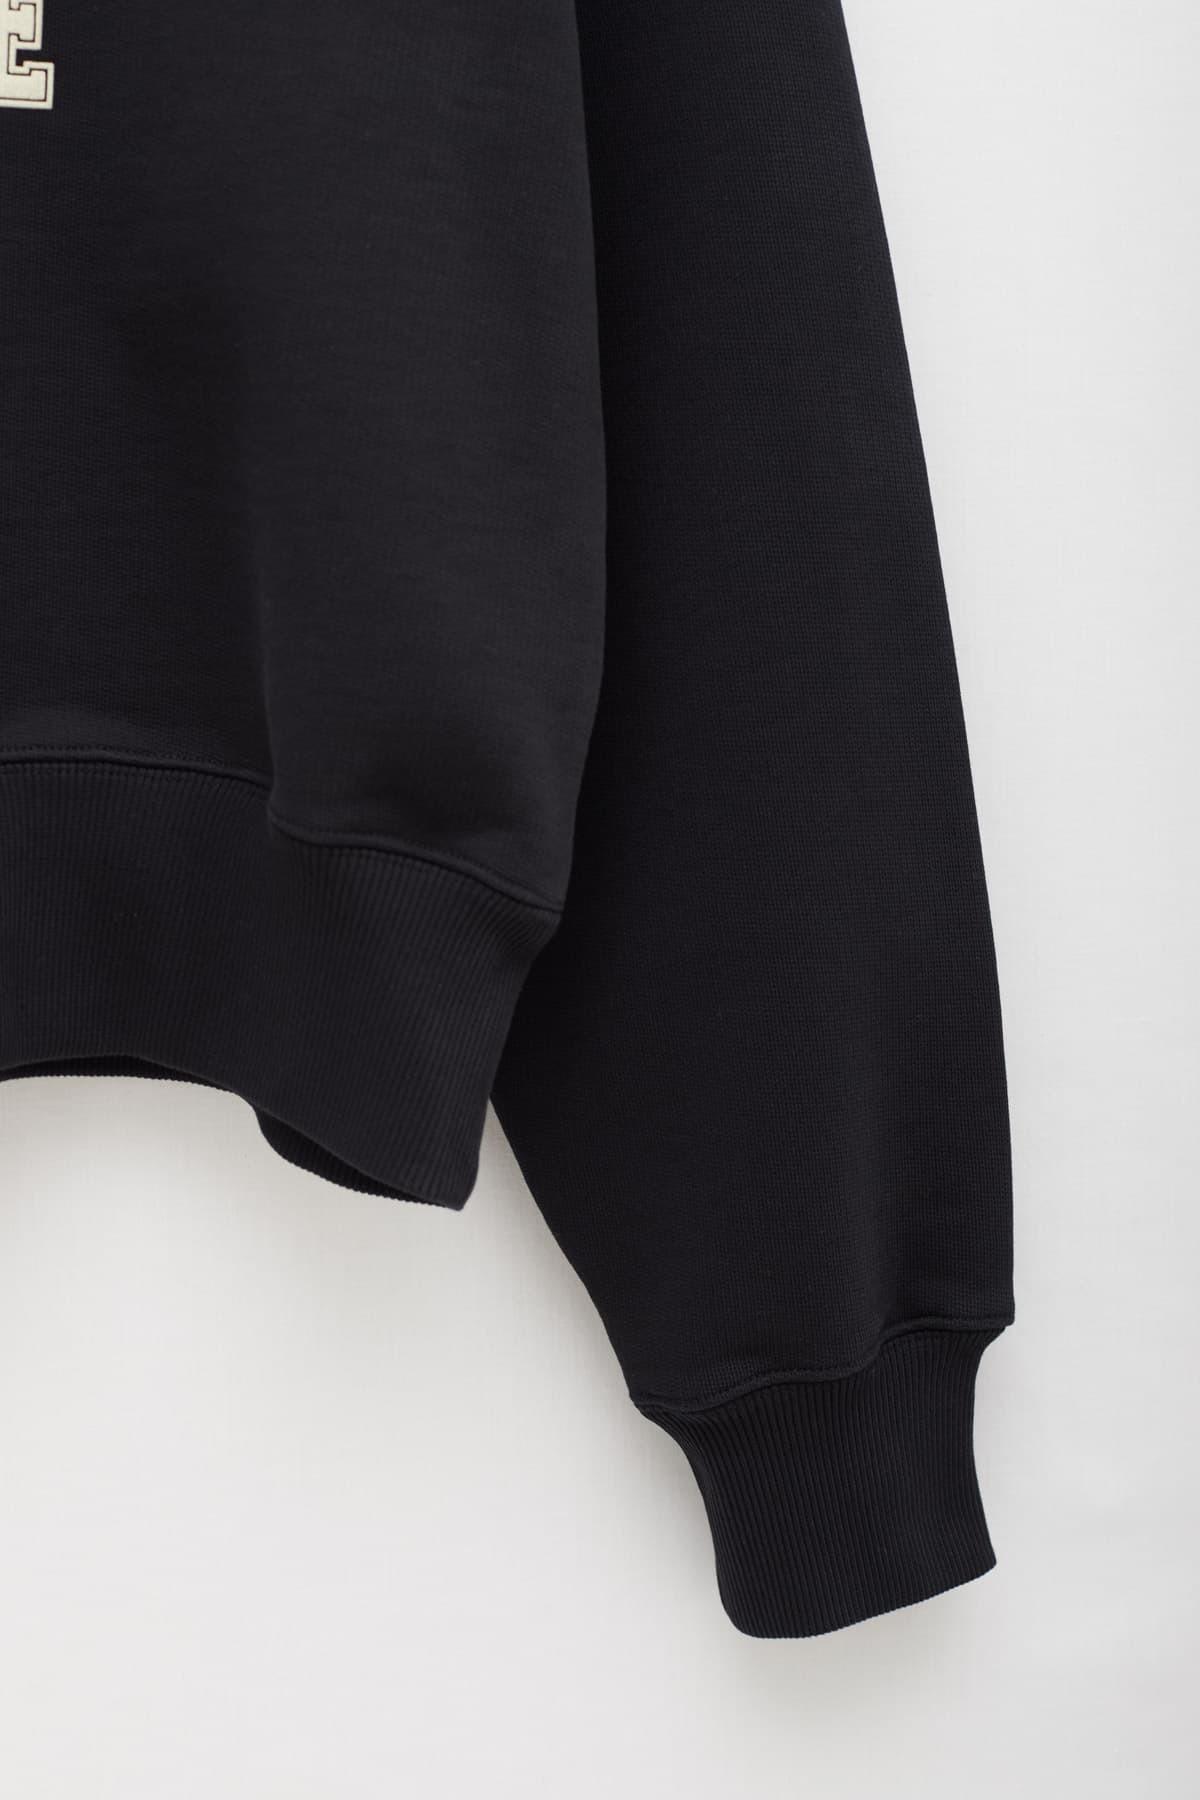 Comme Des Garcons SHIRT Pink Yue Minjun Shirt FG-B039